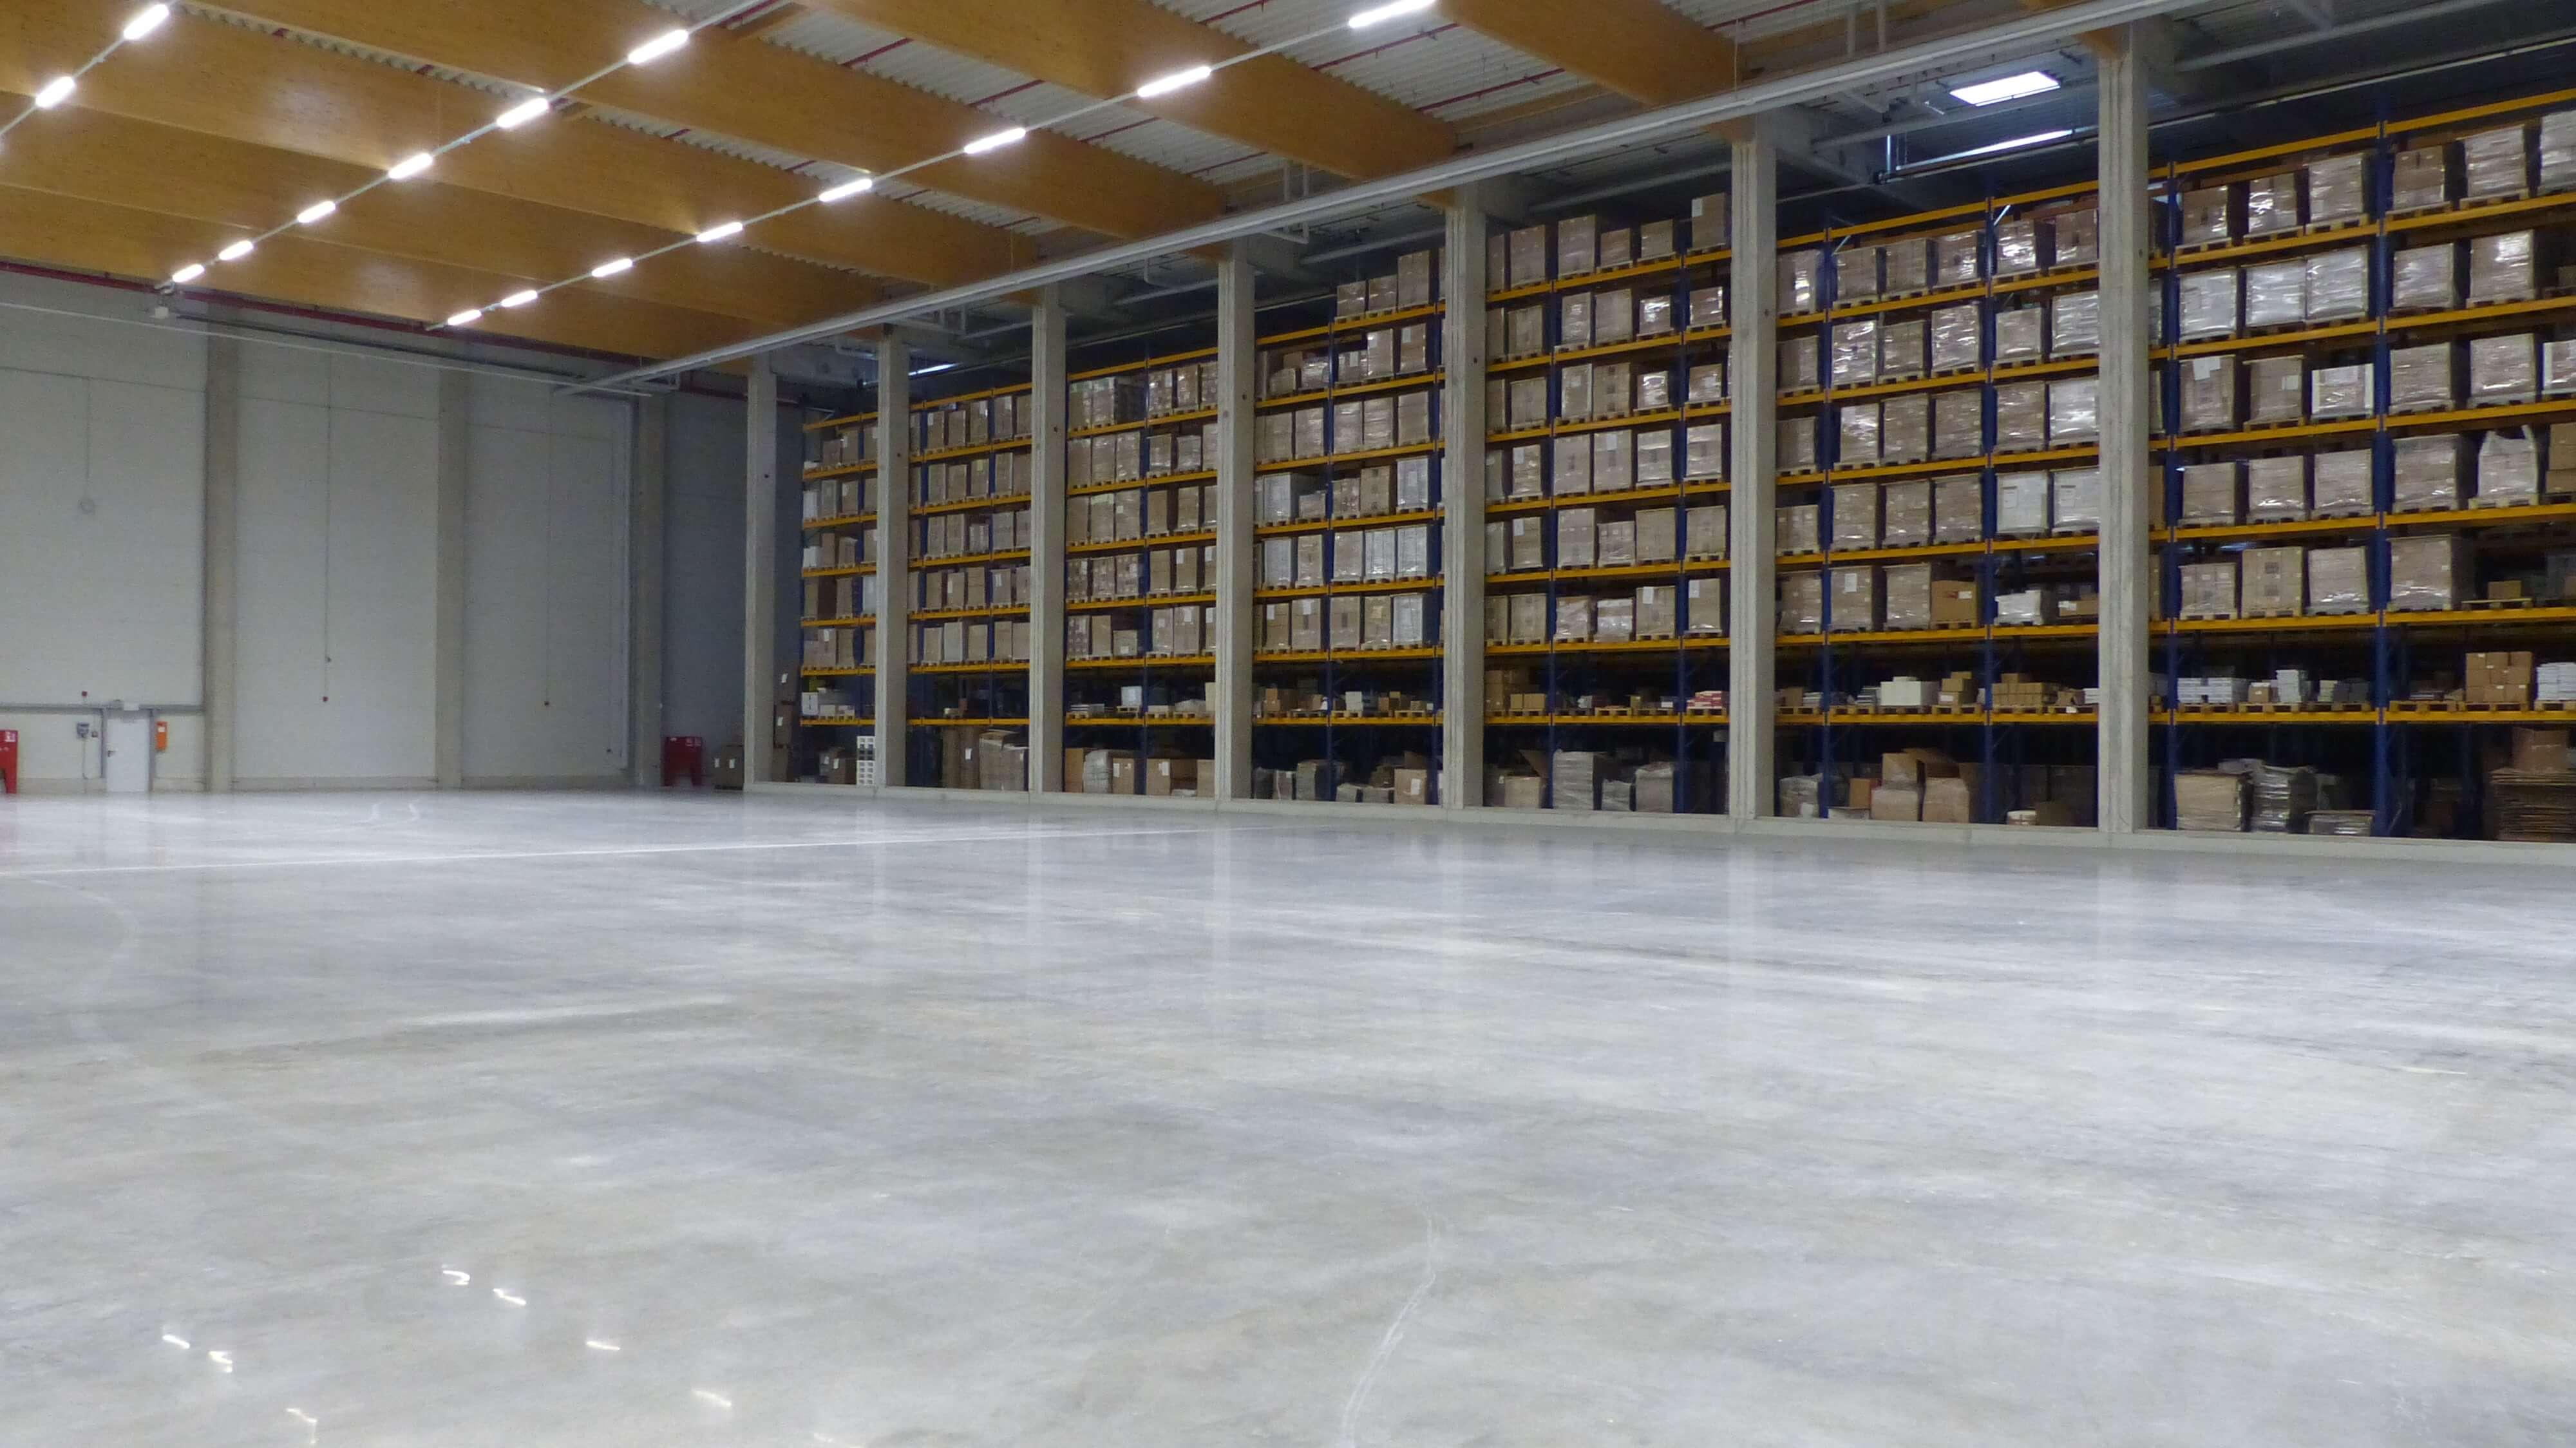 ibs logistics pavimento de hormigon